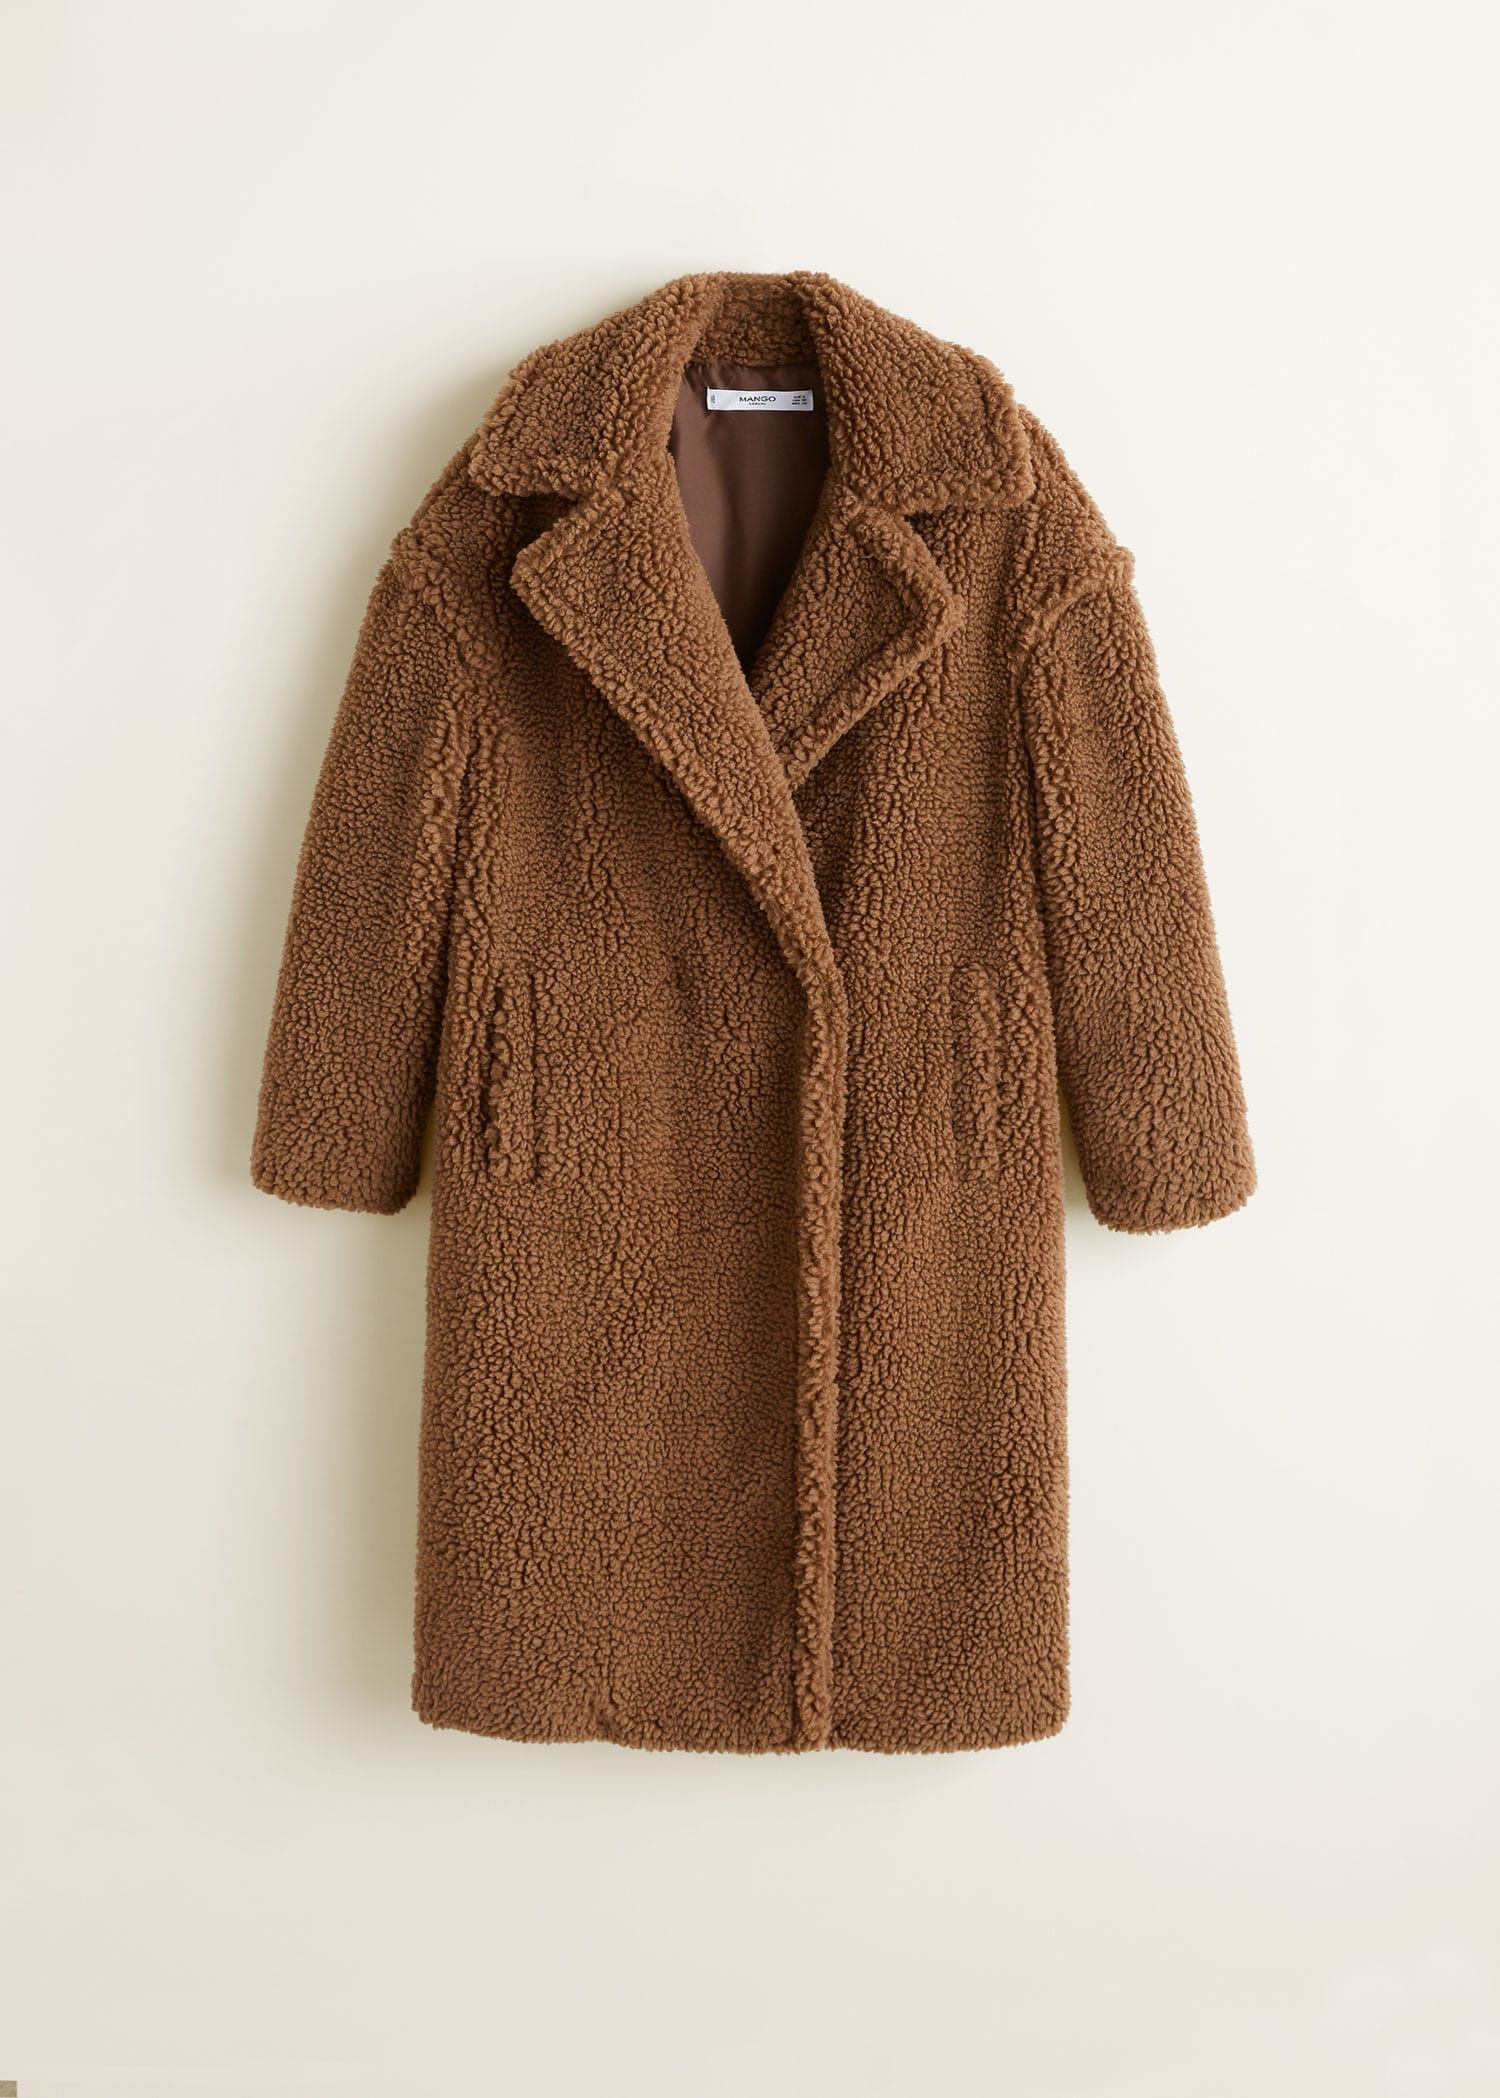 Estos 30 abrigos peluche te abrazarán en la ola de frío - Abrigos-peluche  para sobrevivir al frío 16525c877137